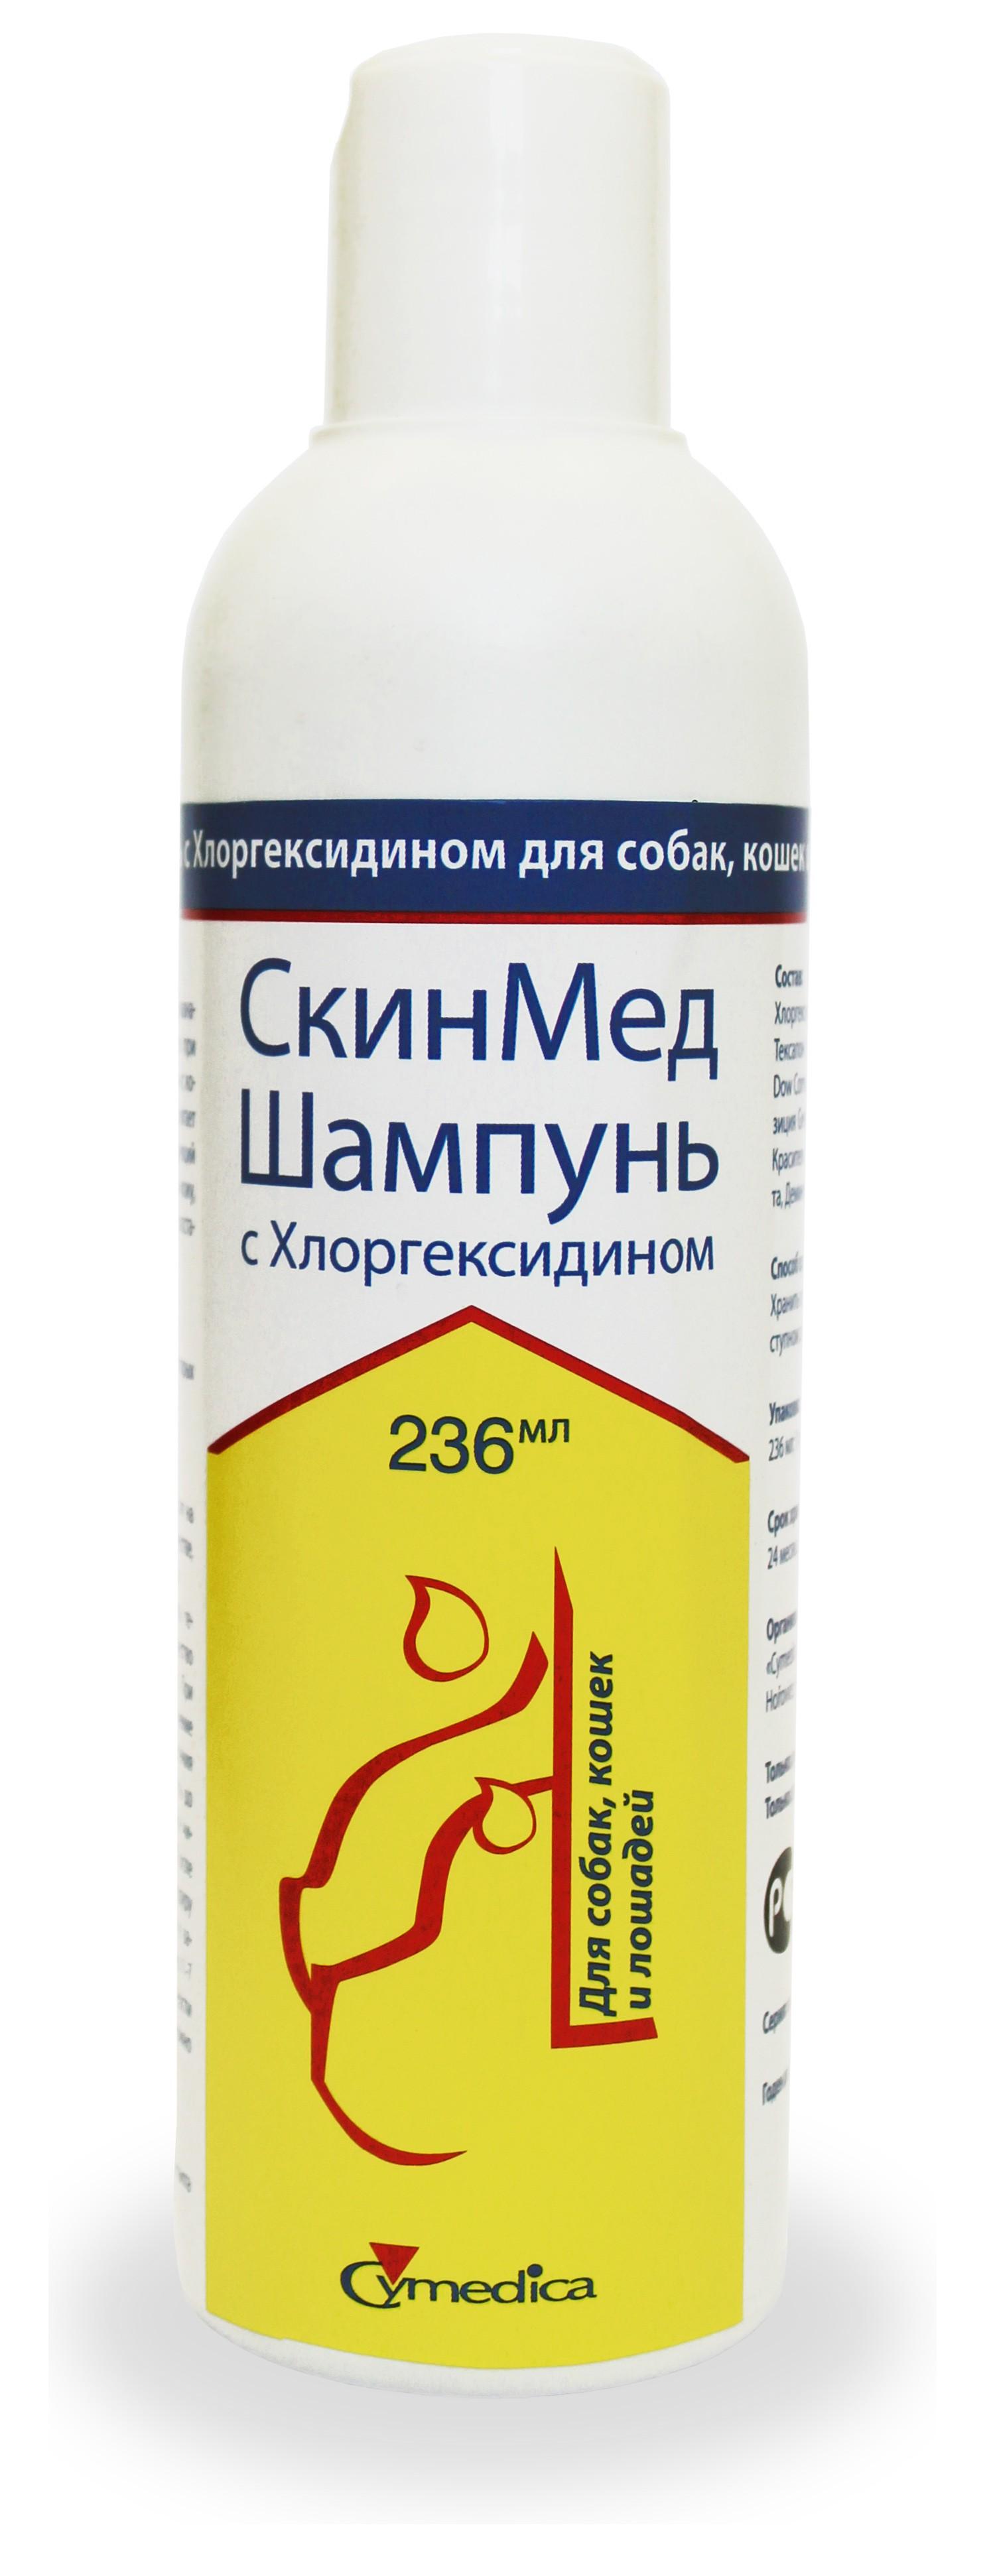 СкинМед Шампунь с хлоргексидином